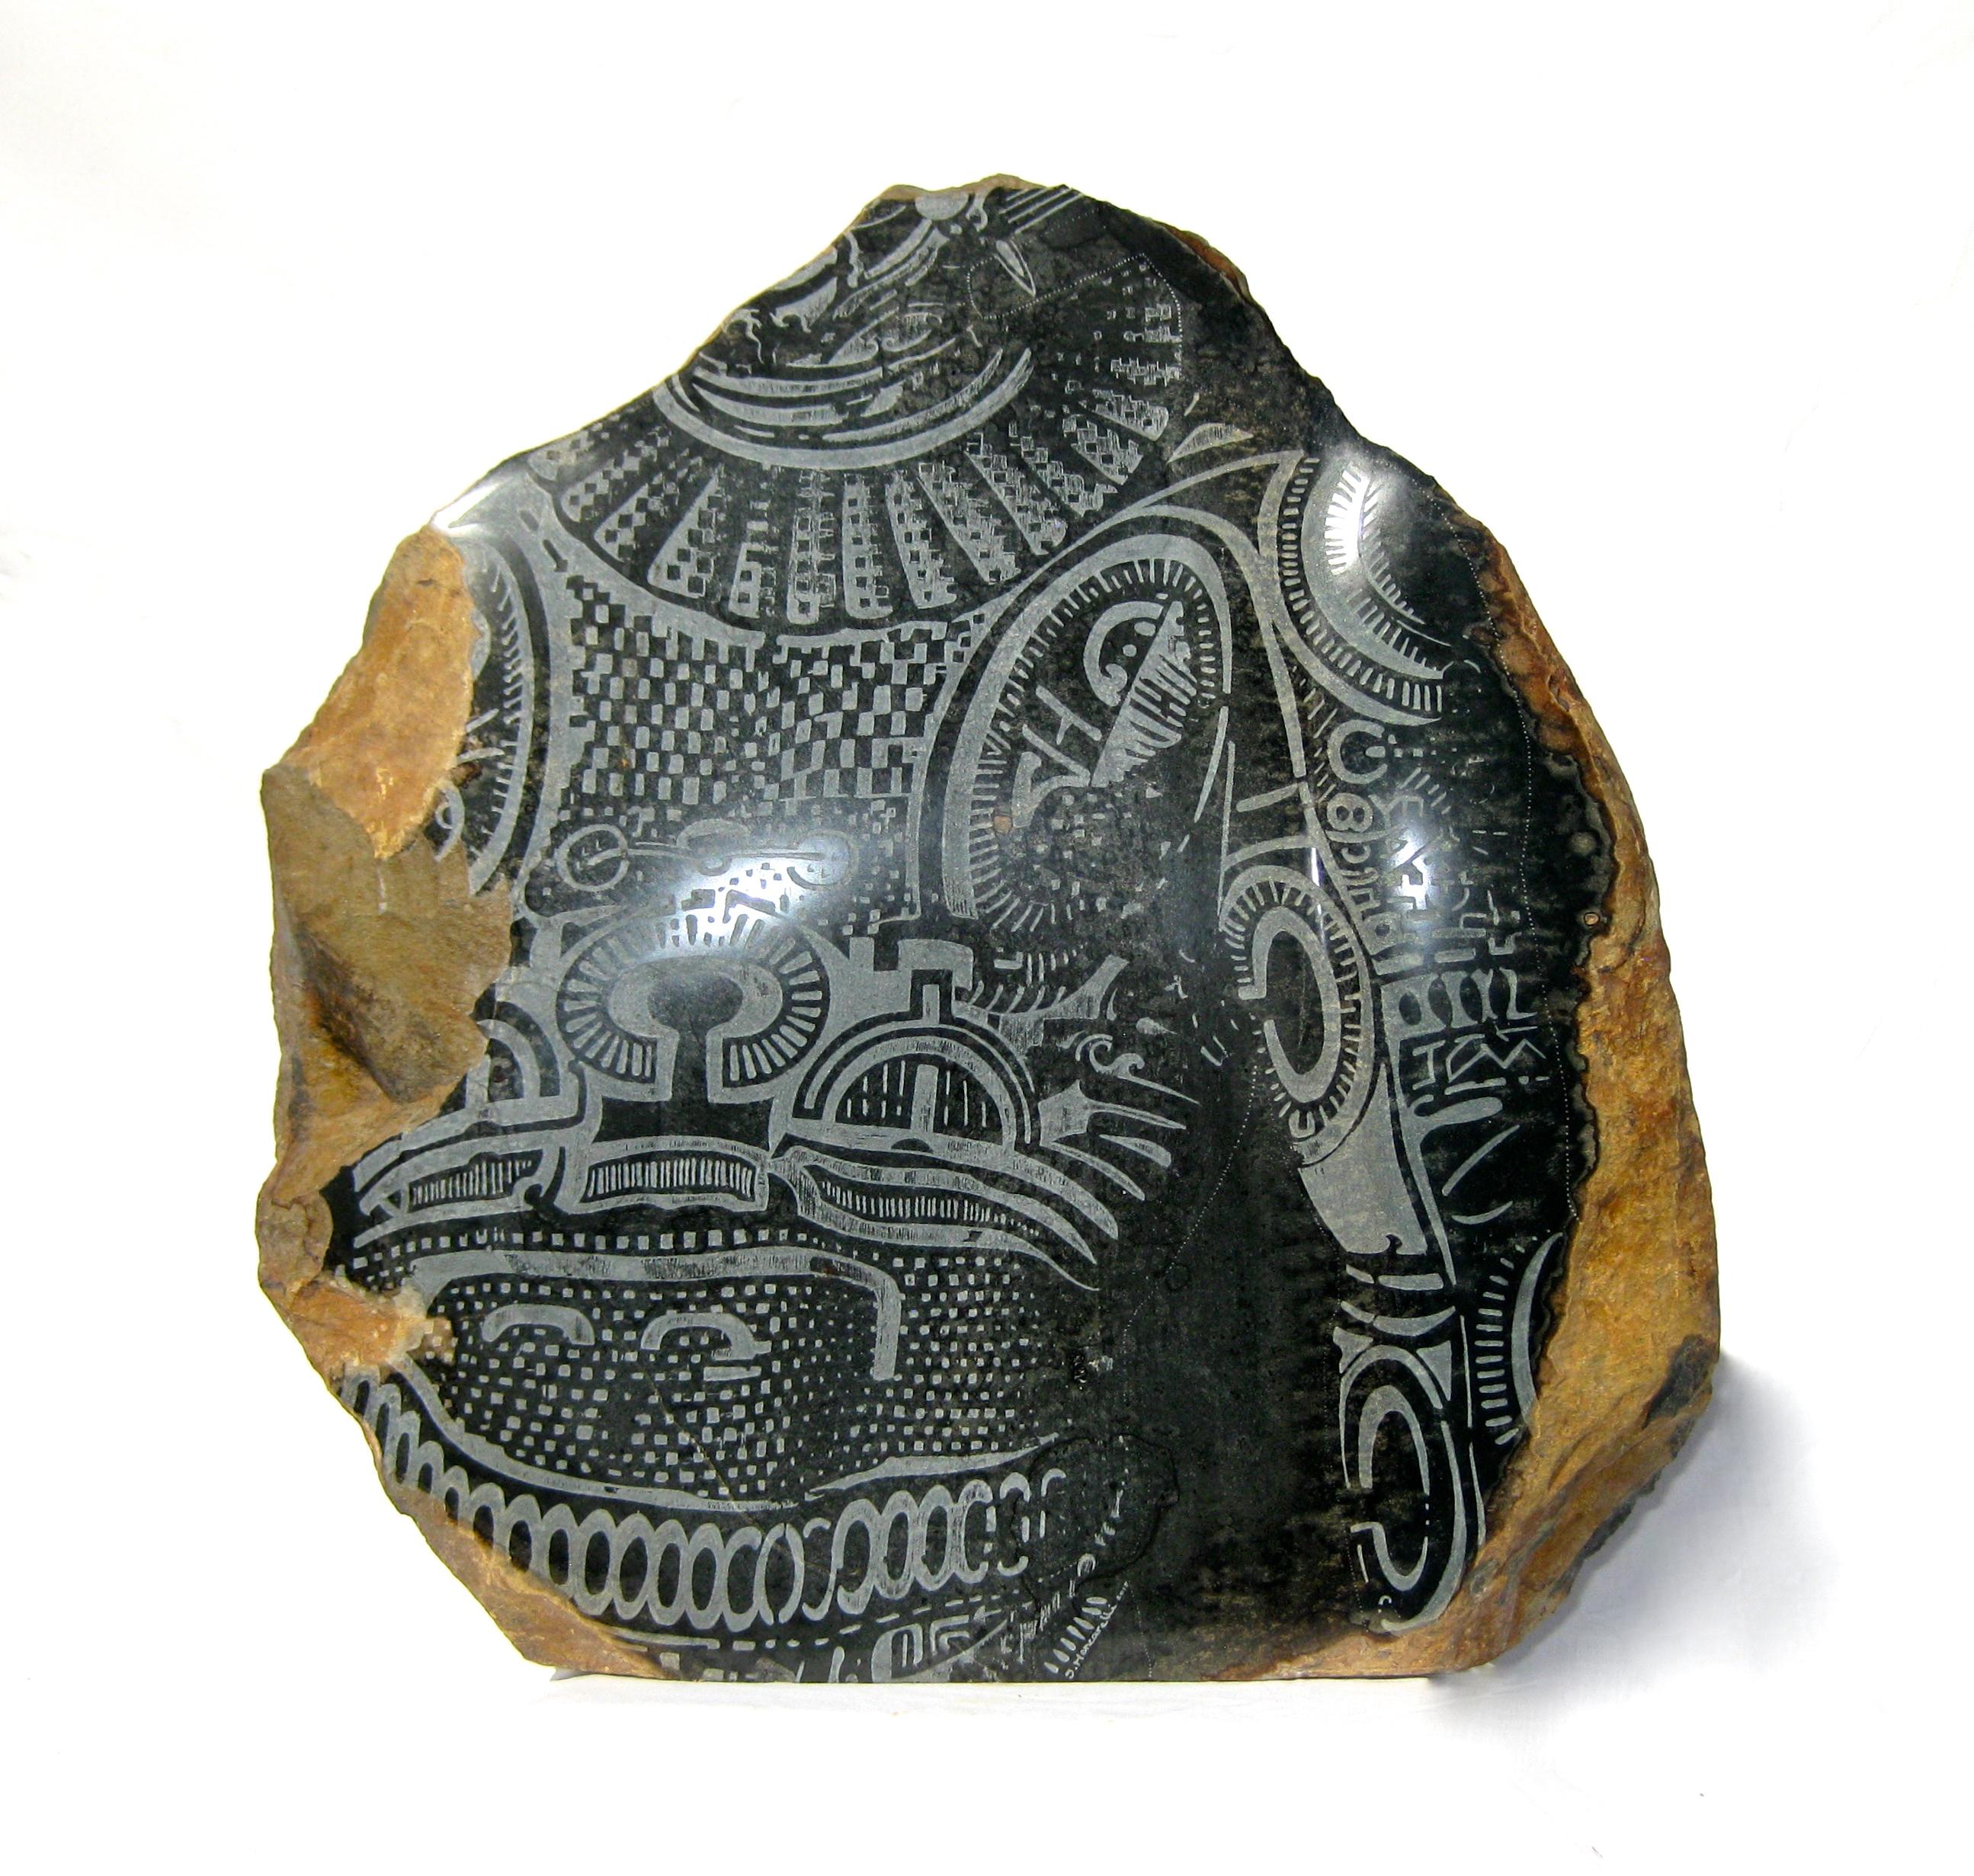 """Gravures et sculptures composent """"Tatau"""", un bel hommage rendu aux arts traditionnels."""